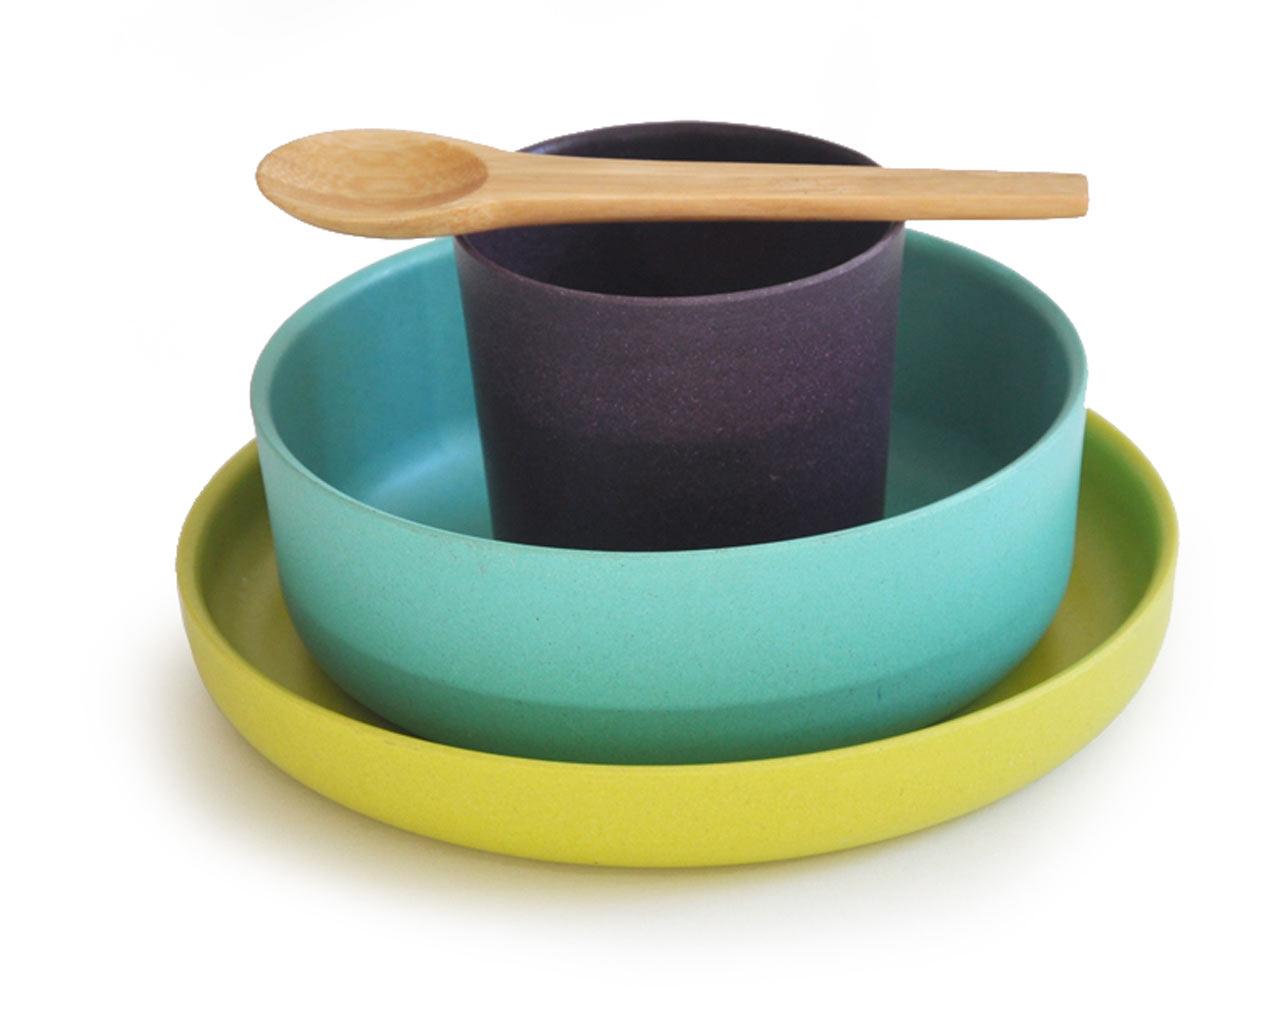 Biobu-Bamboo-Kids-Tableware-Ekobo-6